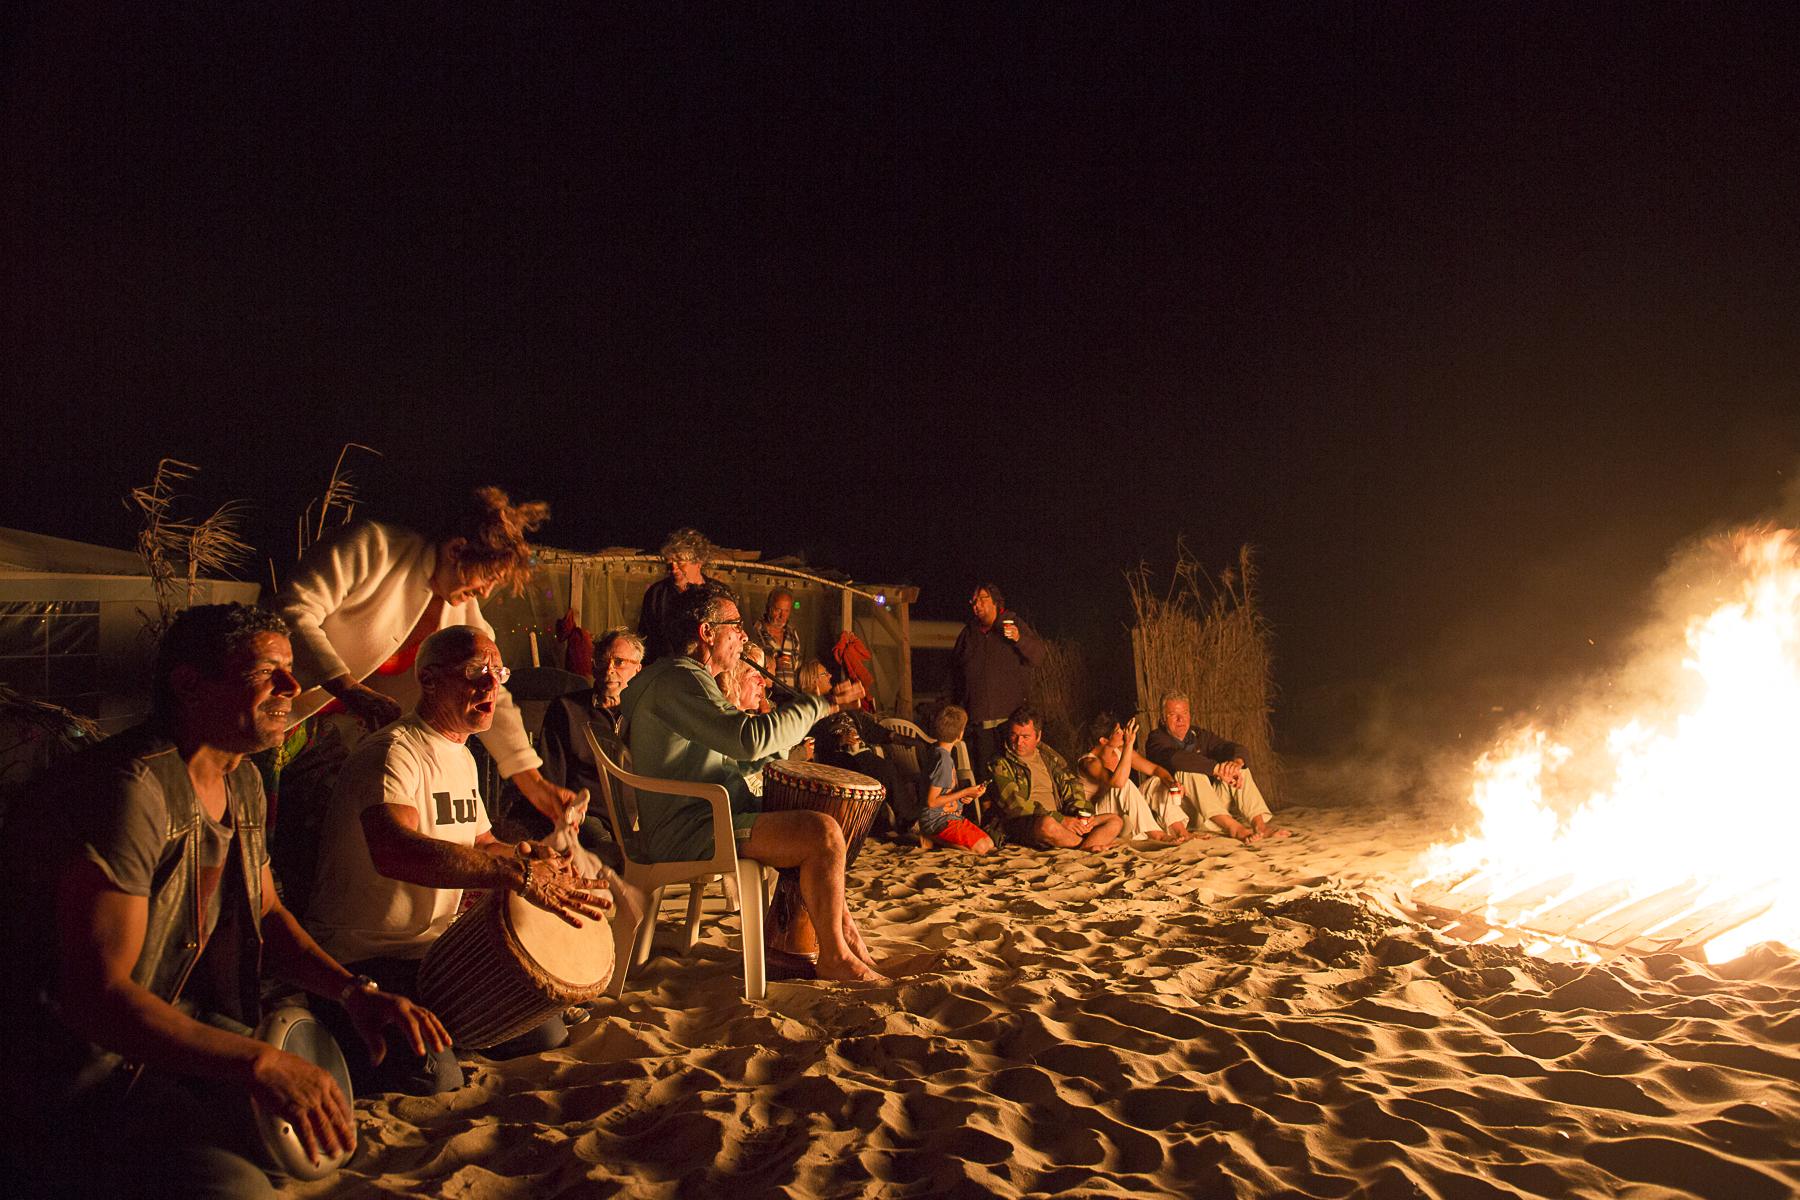 La plage de Piémenson à l\'embouchure du Rhône est la dernière plage en Europe ou le camping sauvage est toléré. Les deux grandes communautées présentent sont les naturistes, très soucieux de l\'environnement et passés maîtres dans l\'art de la construction de cabanons en bois flotés et les \{quote}textils\{quote} vivant plutôt dans des caravannes, ils sont des bons vivants...Feu de camp et feux d\'articices organisé sur la plage